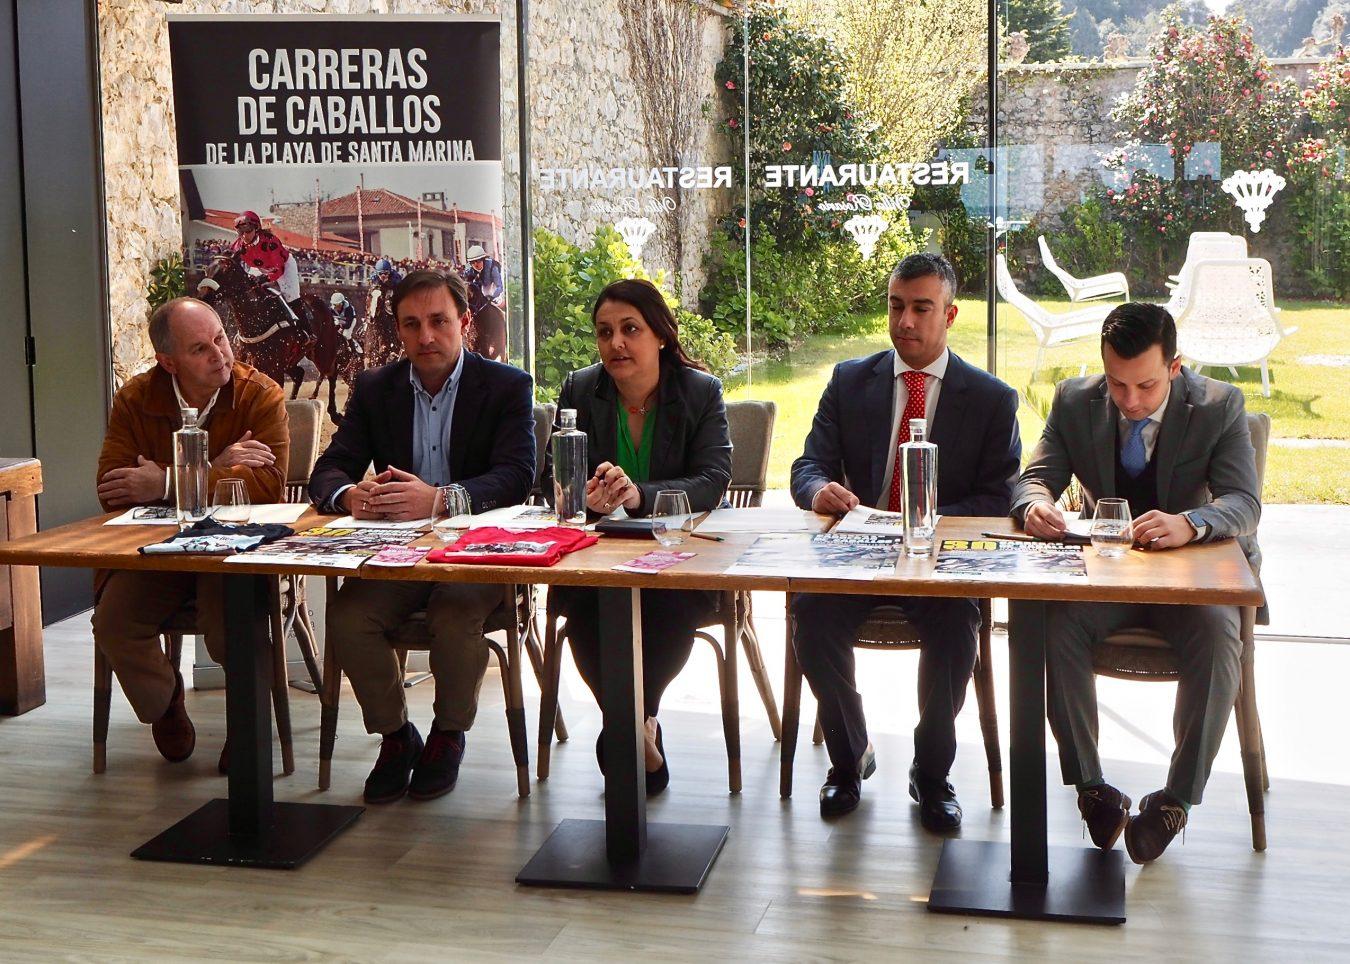 Ribadesella organizará cinco Carreras de Caballos para celebrar el 30 Aniversario y su Interés Turístico Regional